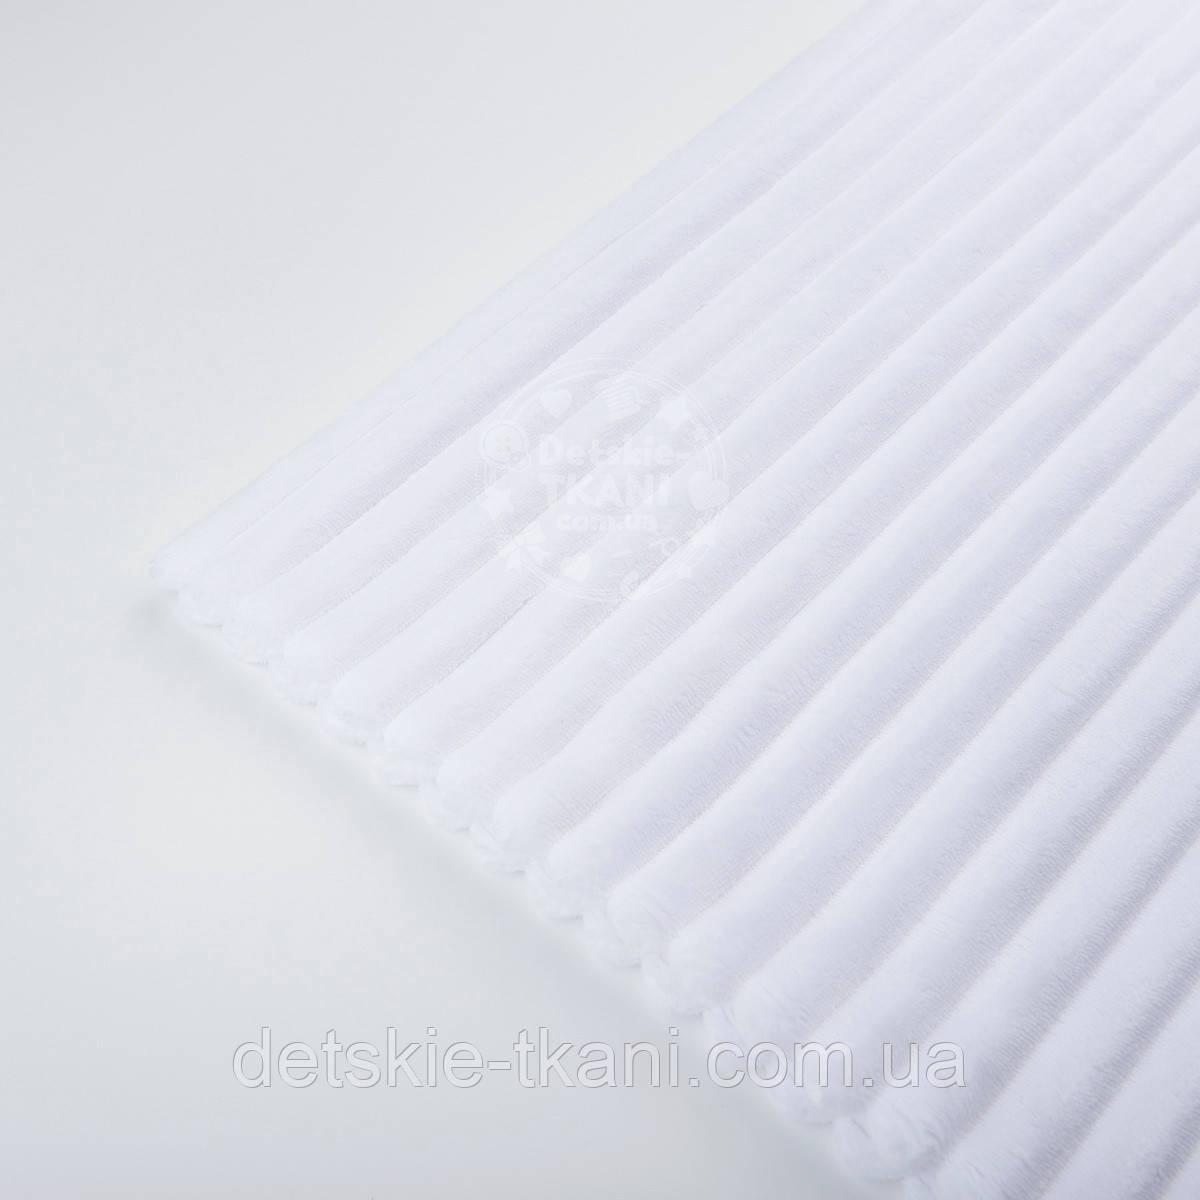 Лоскут плюша в полоску Stripes, цвет белый, с оттенком айвори 100*45 см